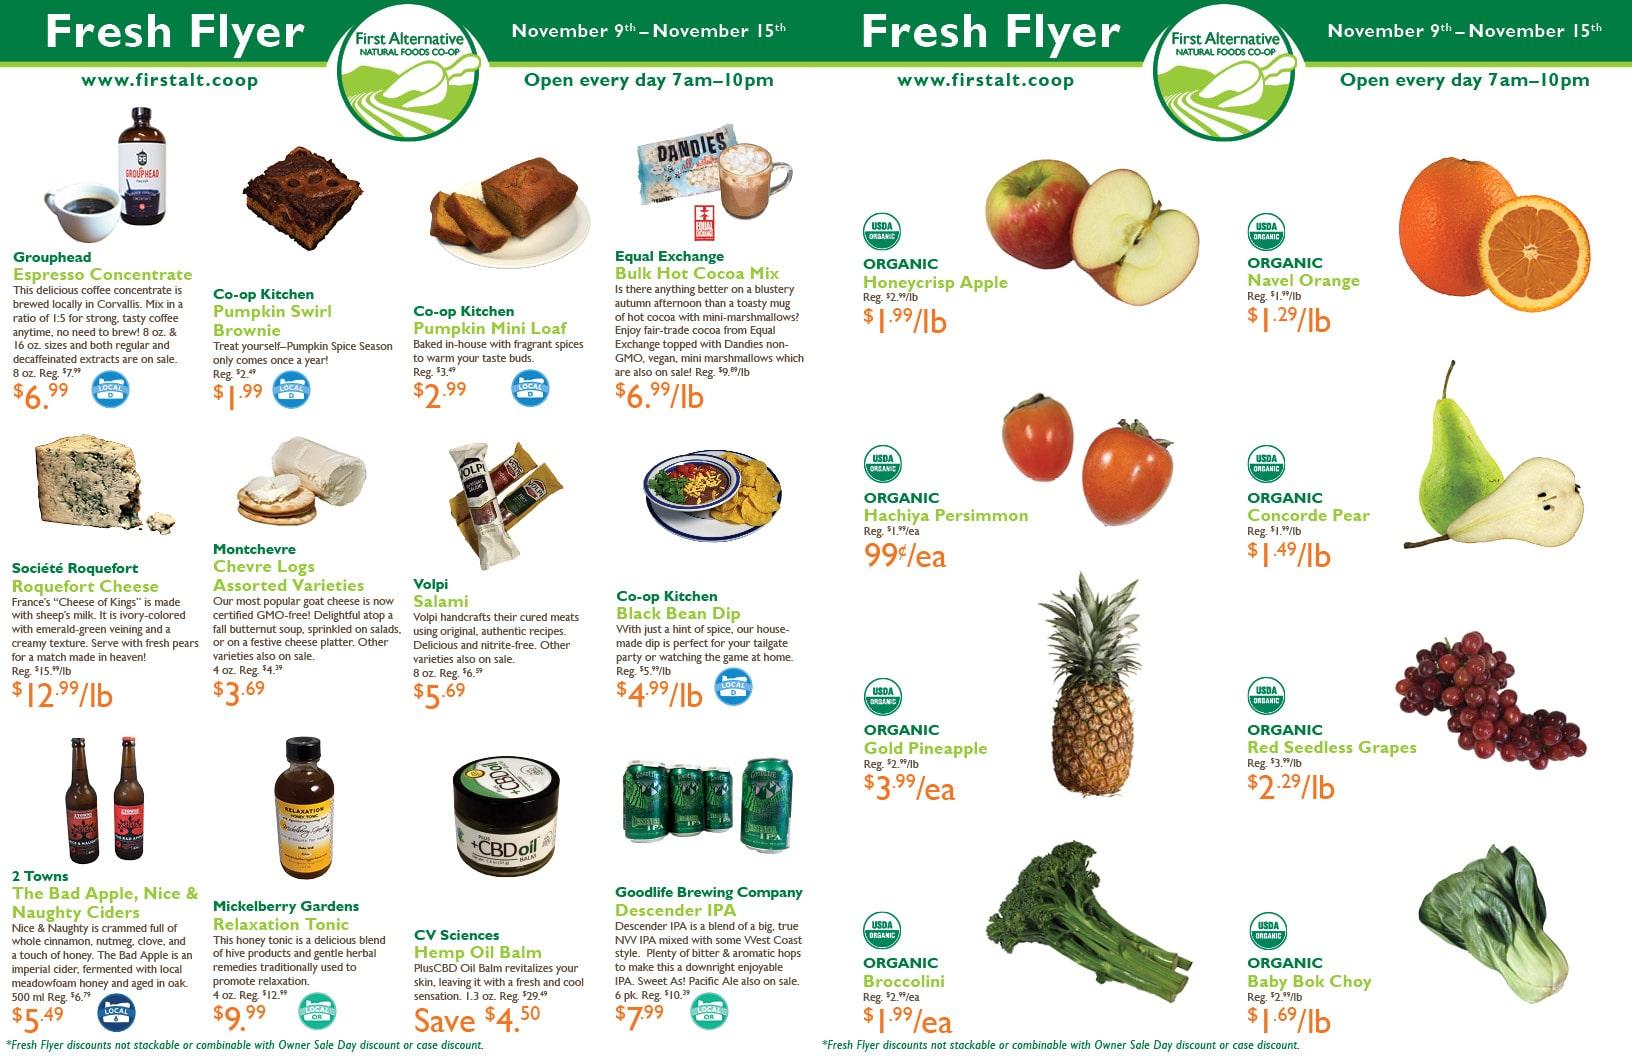 First Alternative Co-op Fresh Flyer November 9-15